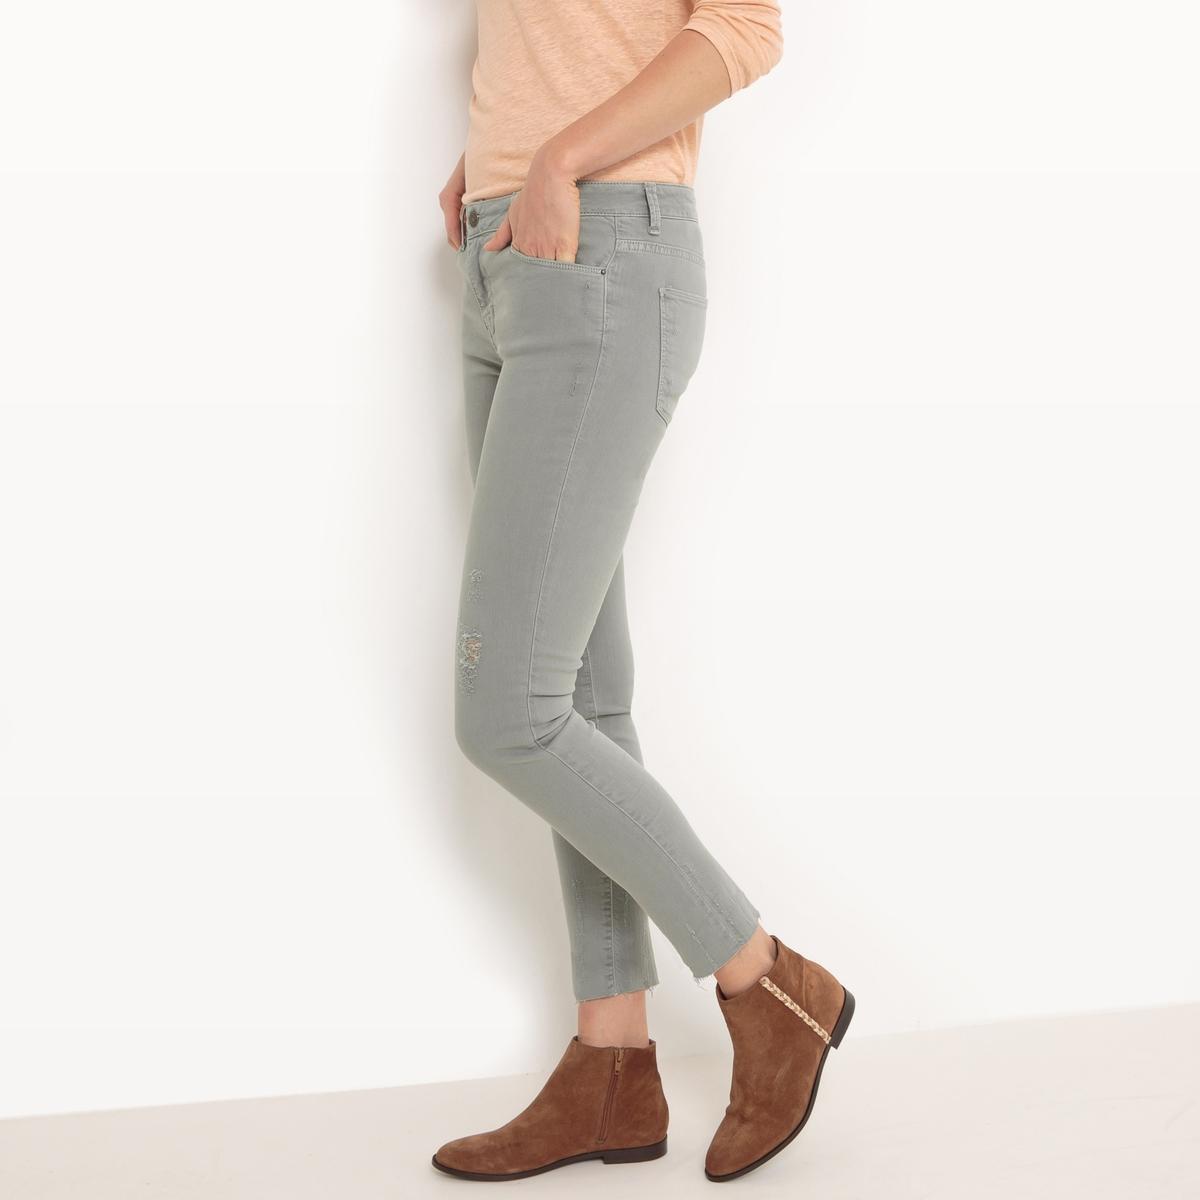 Джинсы скинни 7/8Материал : 98% хлопка, 2% эластана  Высота пояса : стандартная Покрой джинсов : скинни Длина джинсов : длина 32<br><br>Цвет: хаки